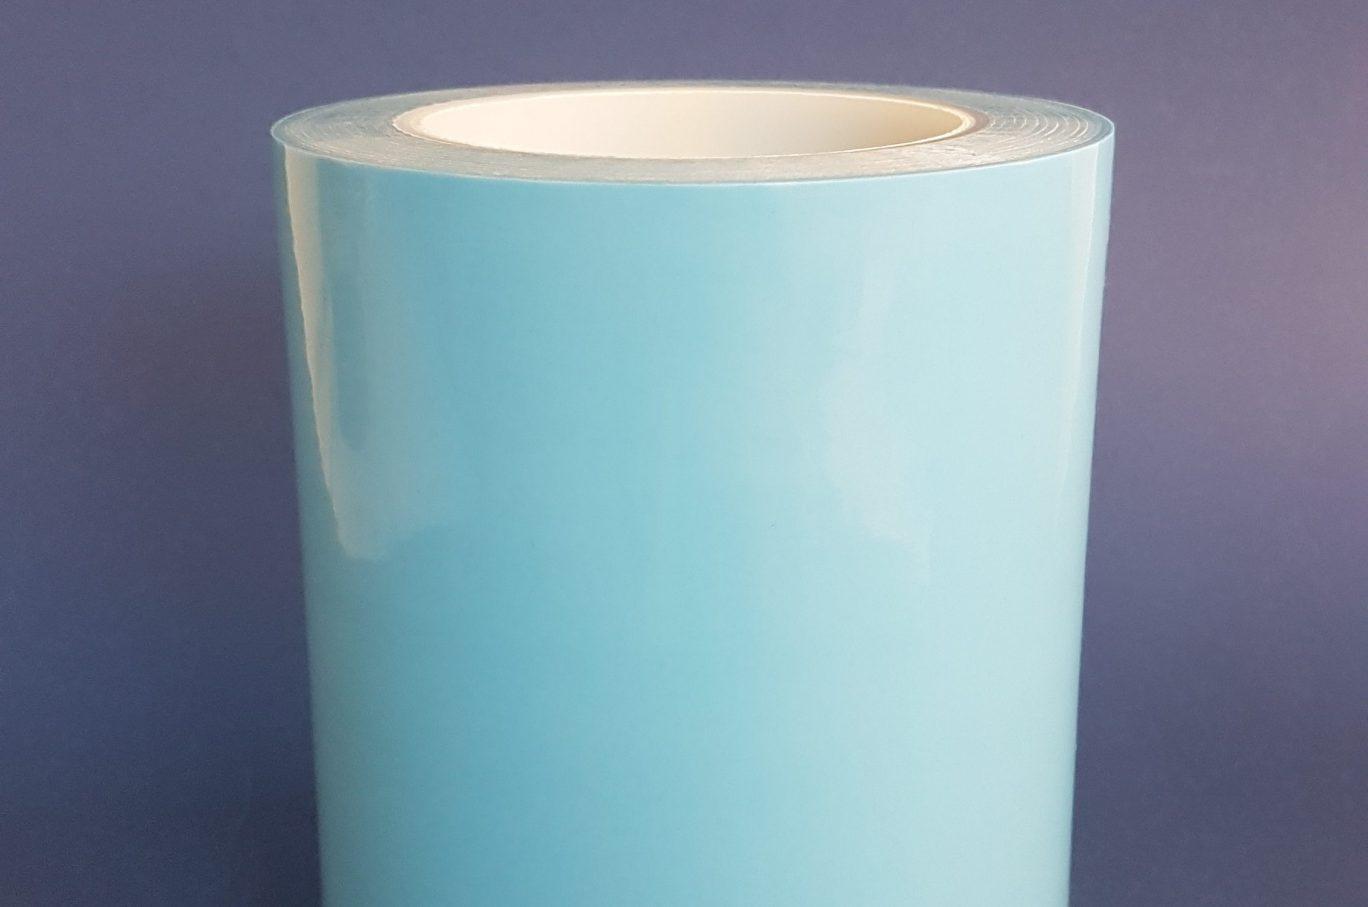 FEP adhesive film